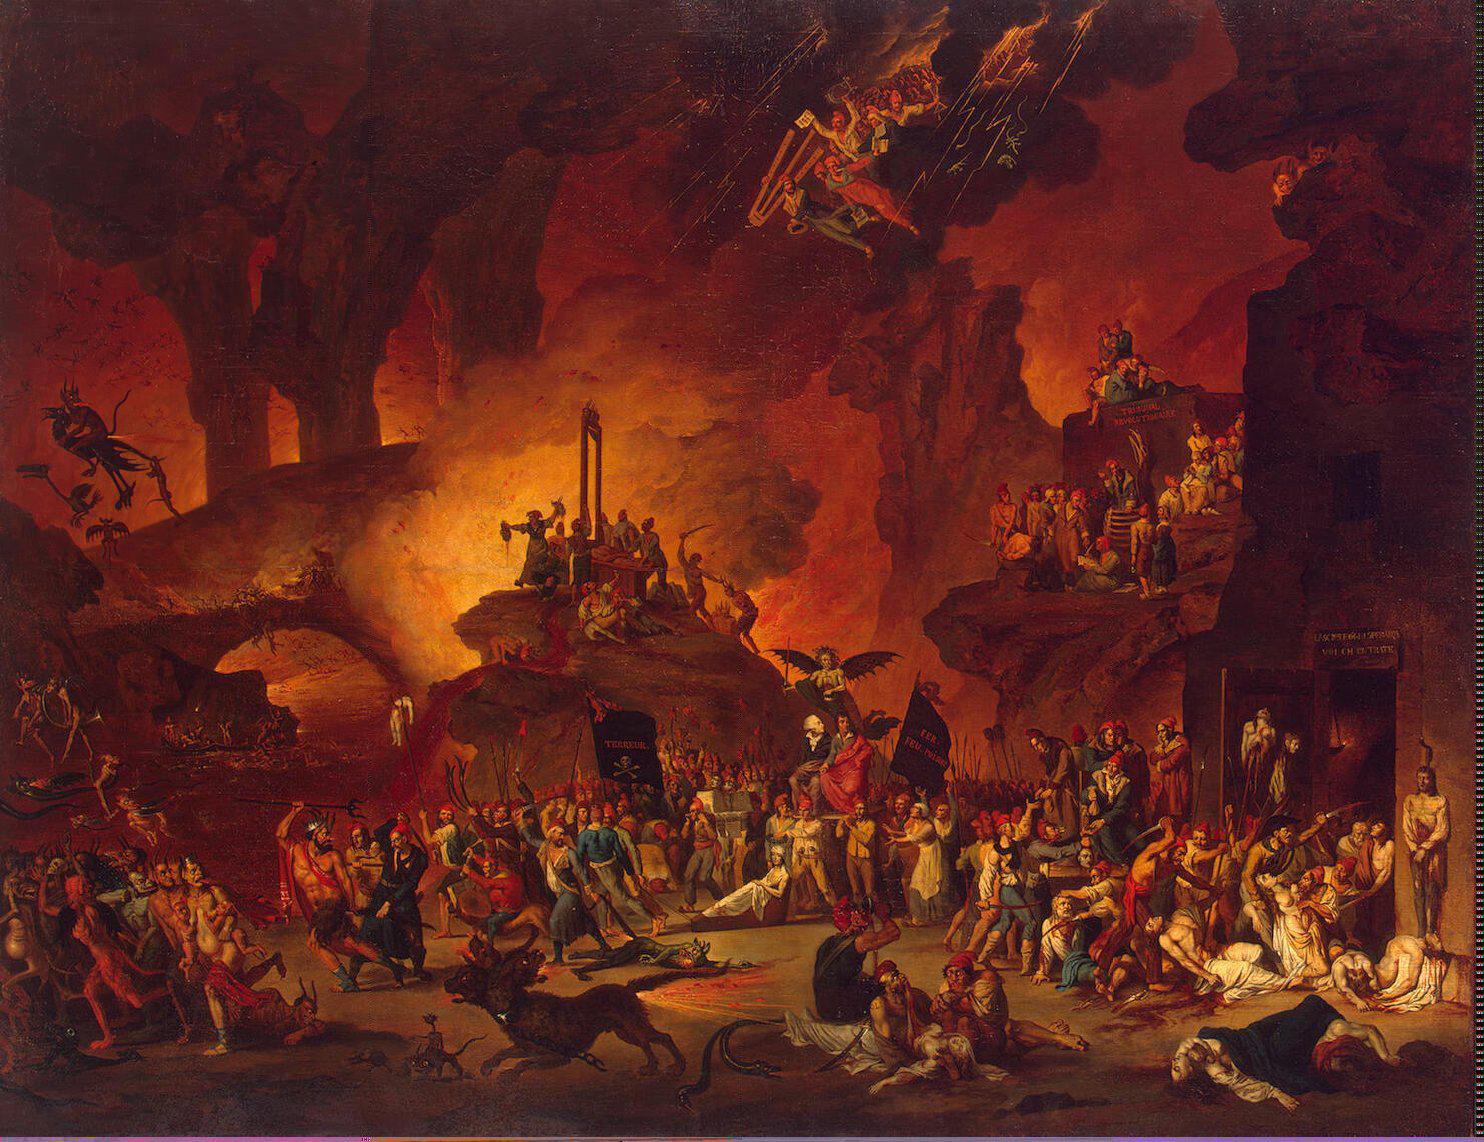 MILES CHRISTI: LA FARSA DEL DÍA DE LA BASTILLA